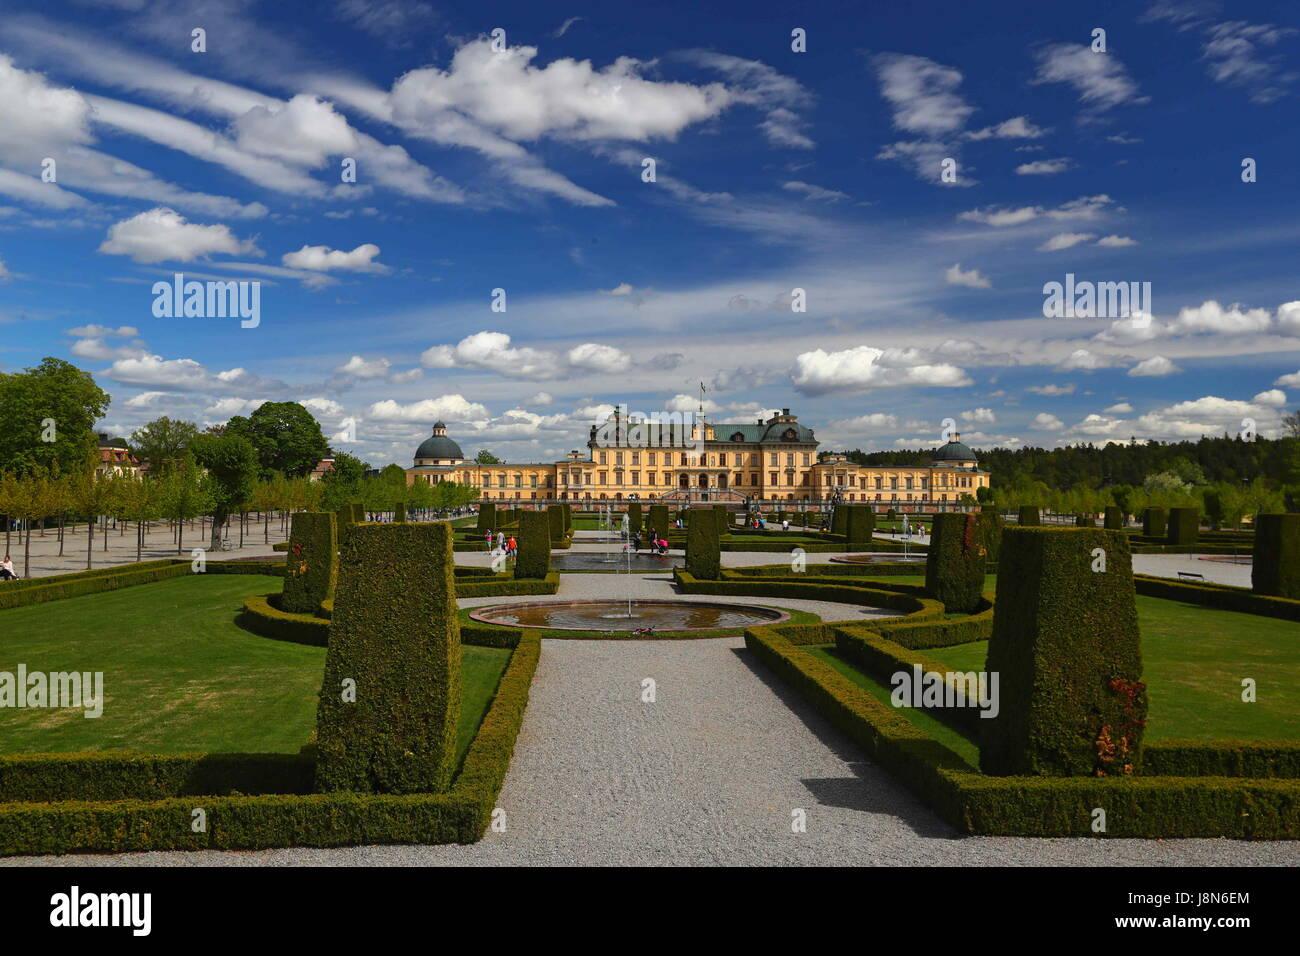 Brüssel. 25. Mai 2017. Foto aufgenommen am 25. Mai 2017 zeigt den Blick von der königlichen Domäne Stockbild